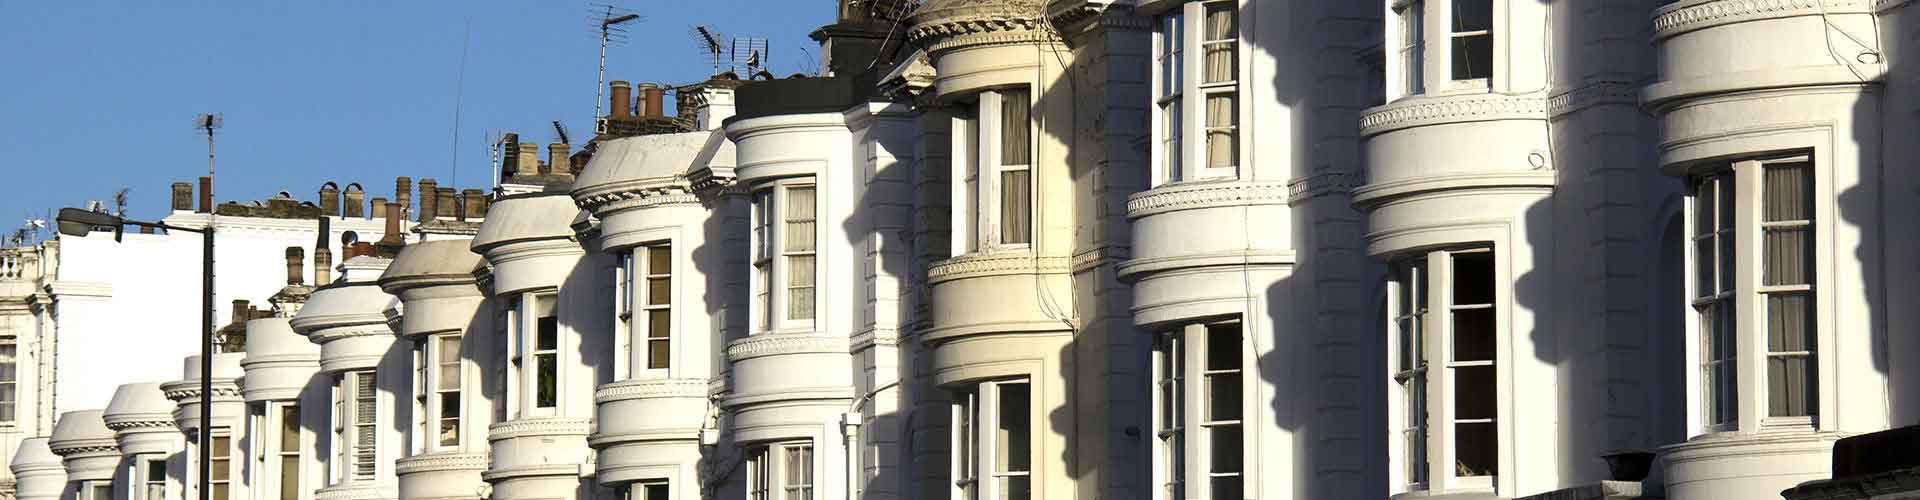 런던 - Bayswater지역에 위치한 호텔. 런던의 지도, 런던에 위치한 호텔에 대한 사진 및 리뷰.